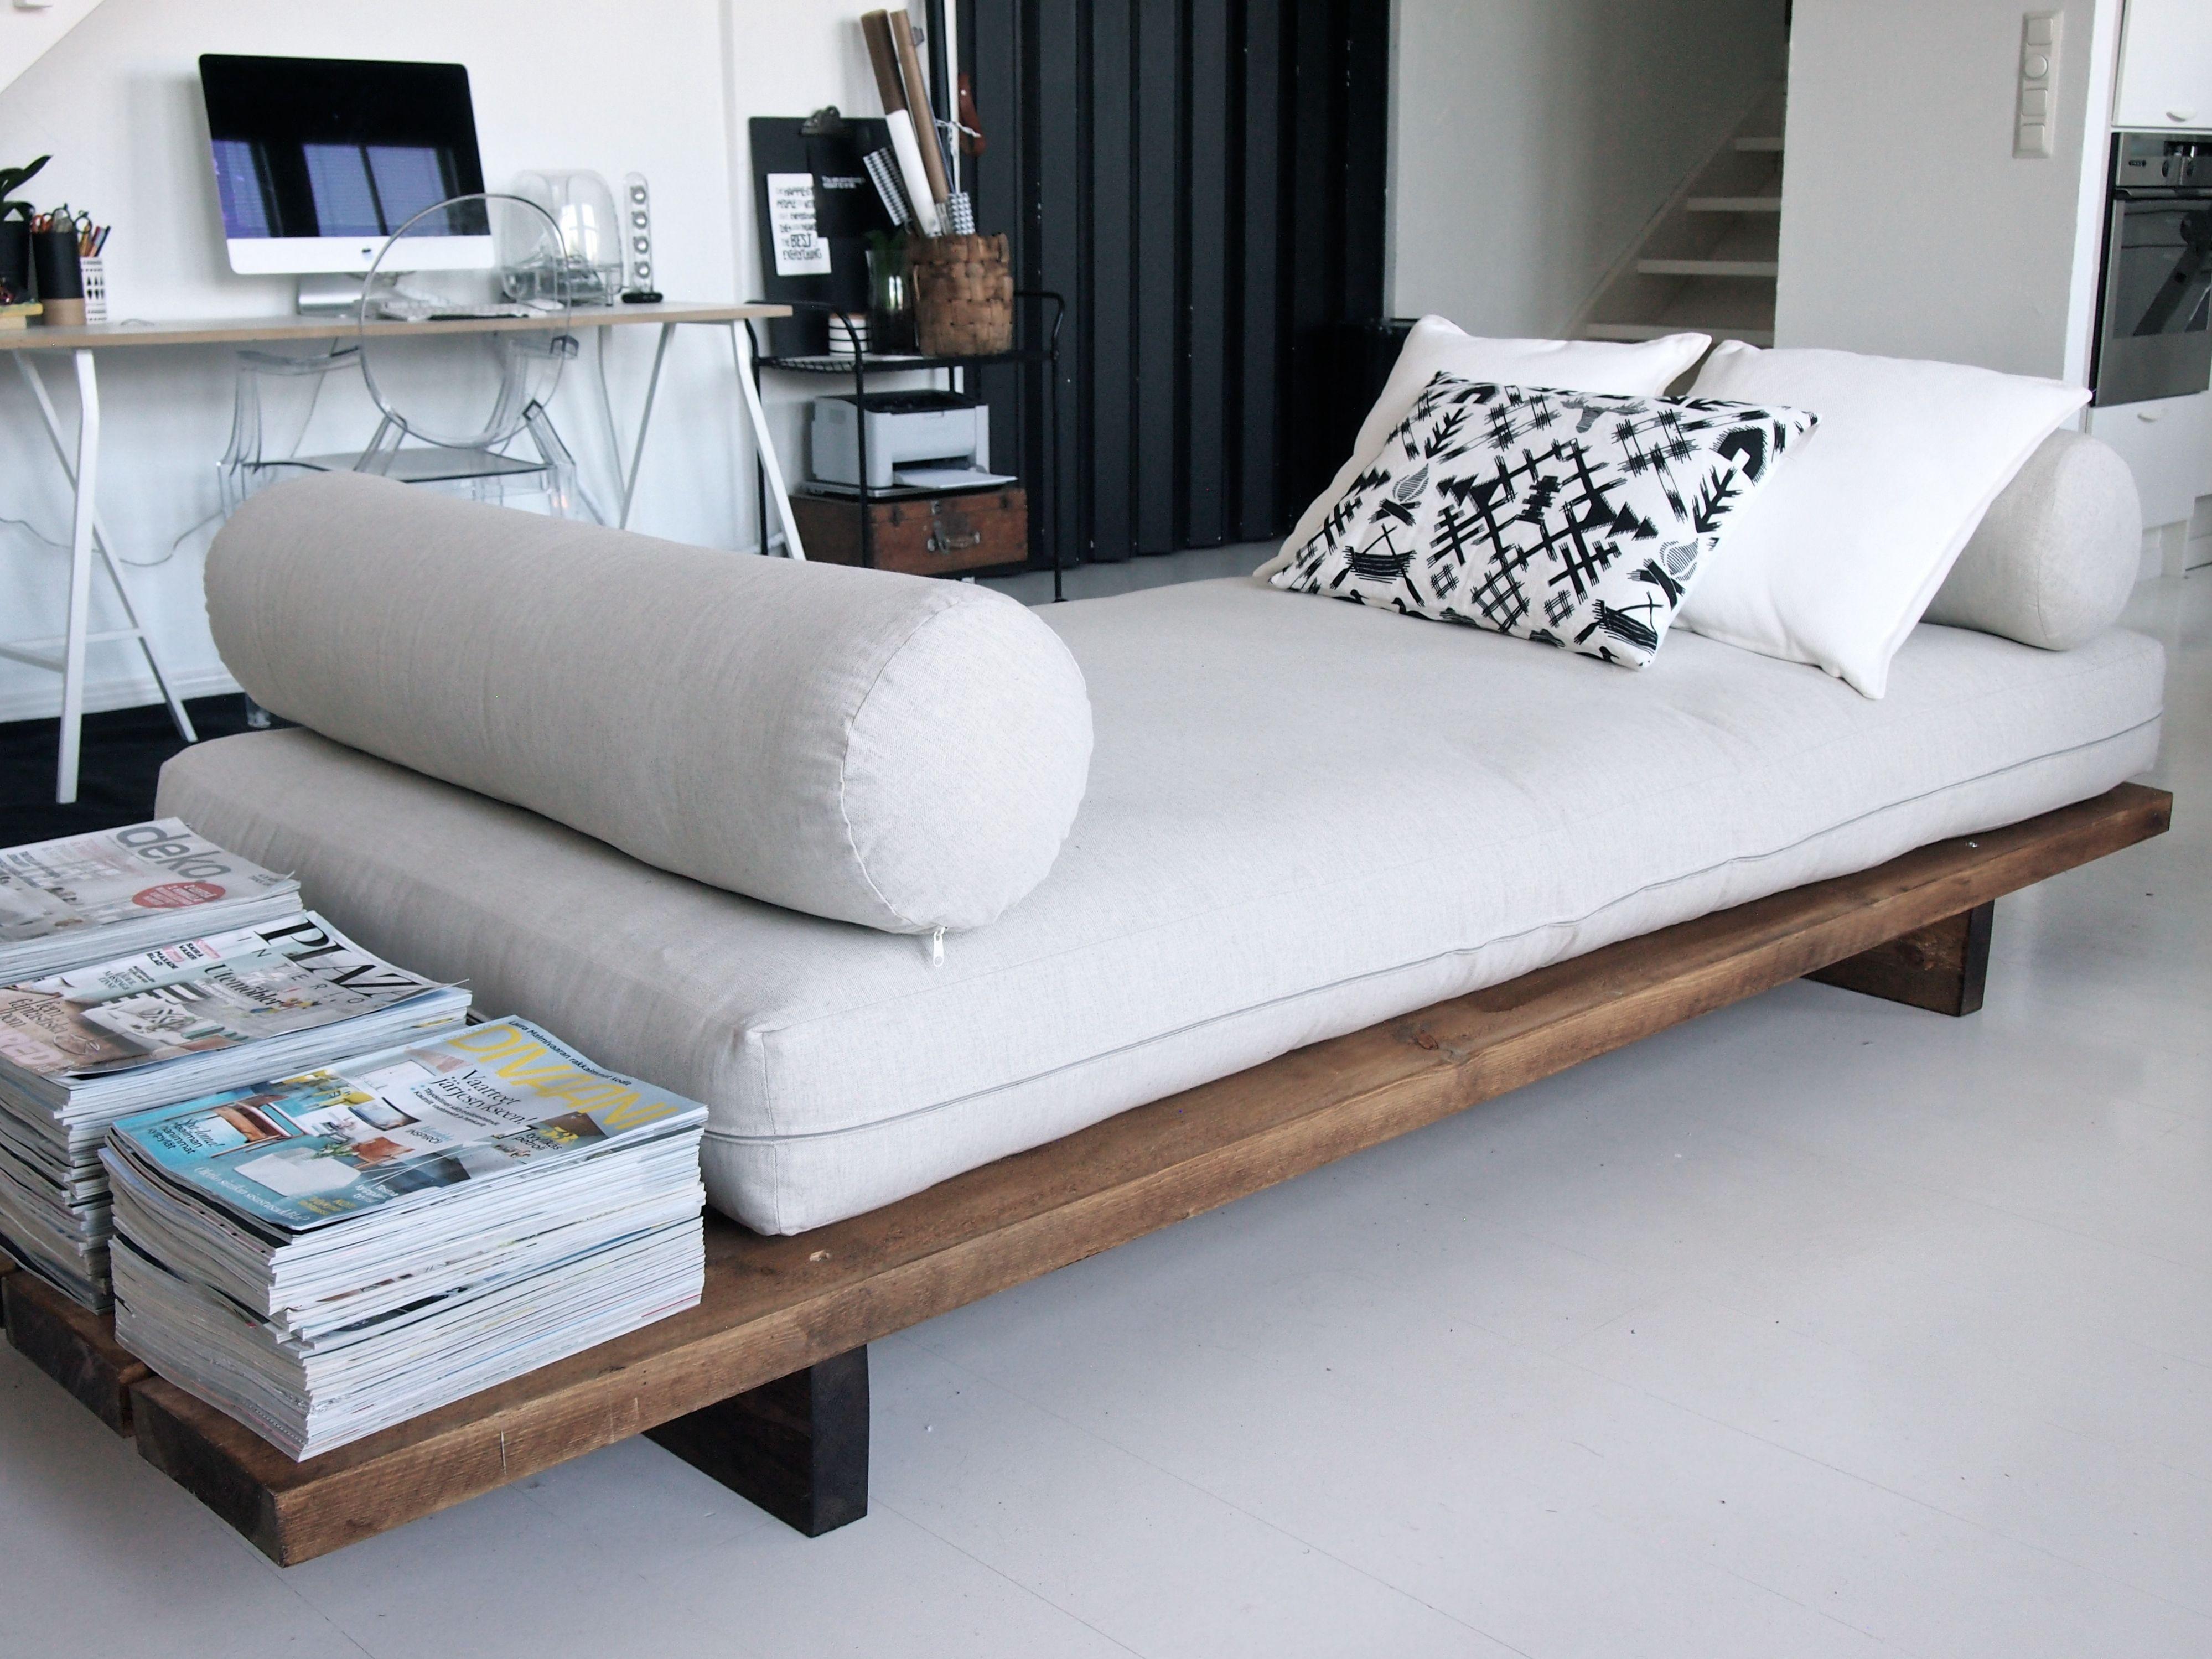 Projekti Verkaranta Blog Diy Daybed Livingroom Diy